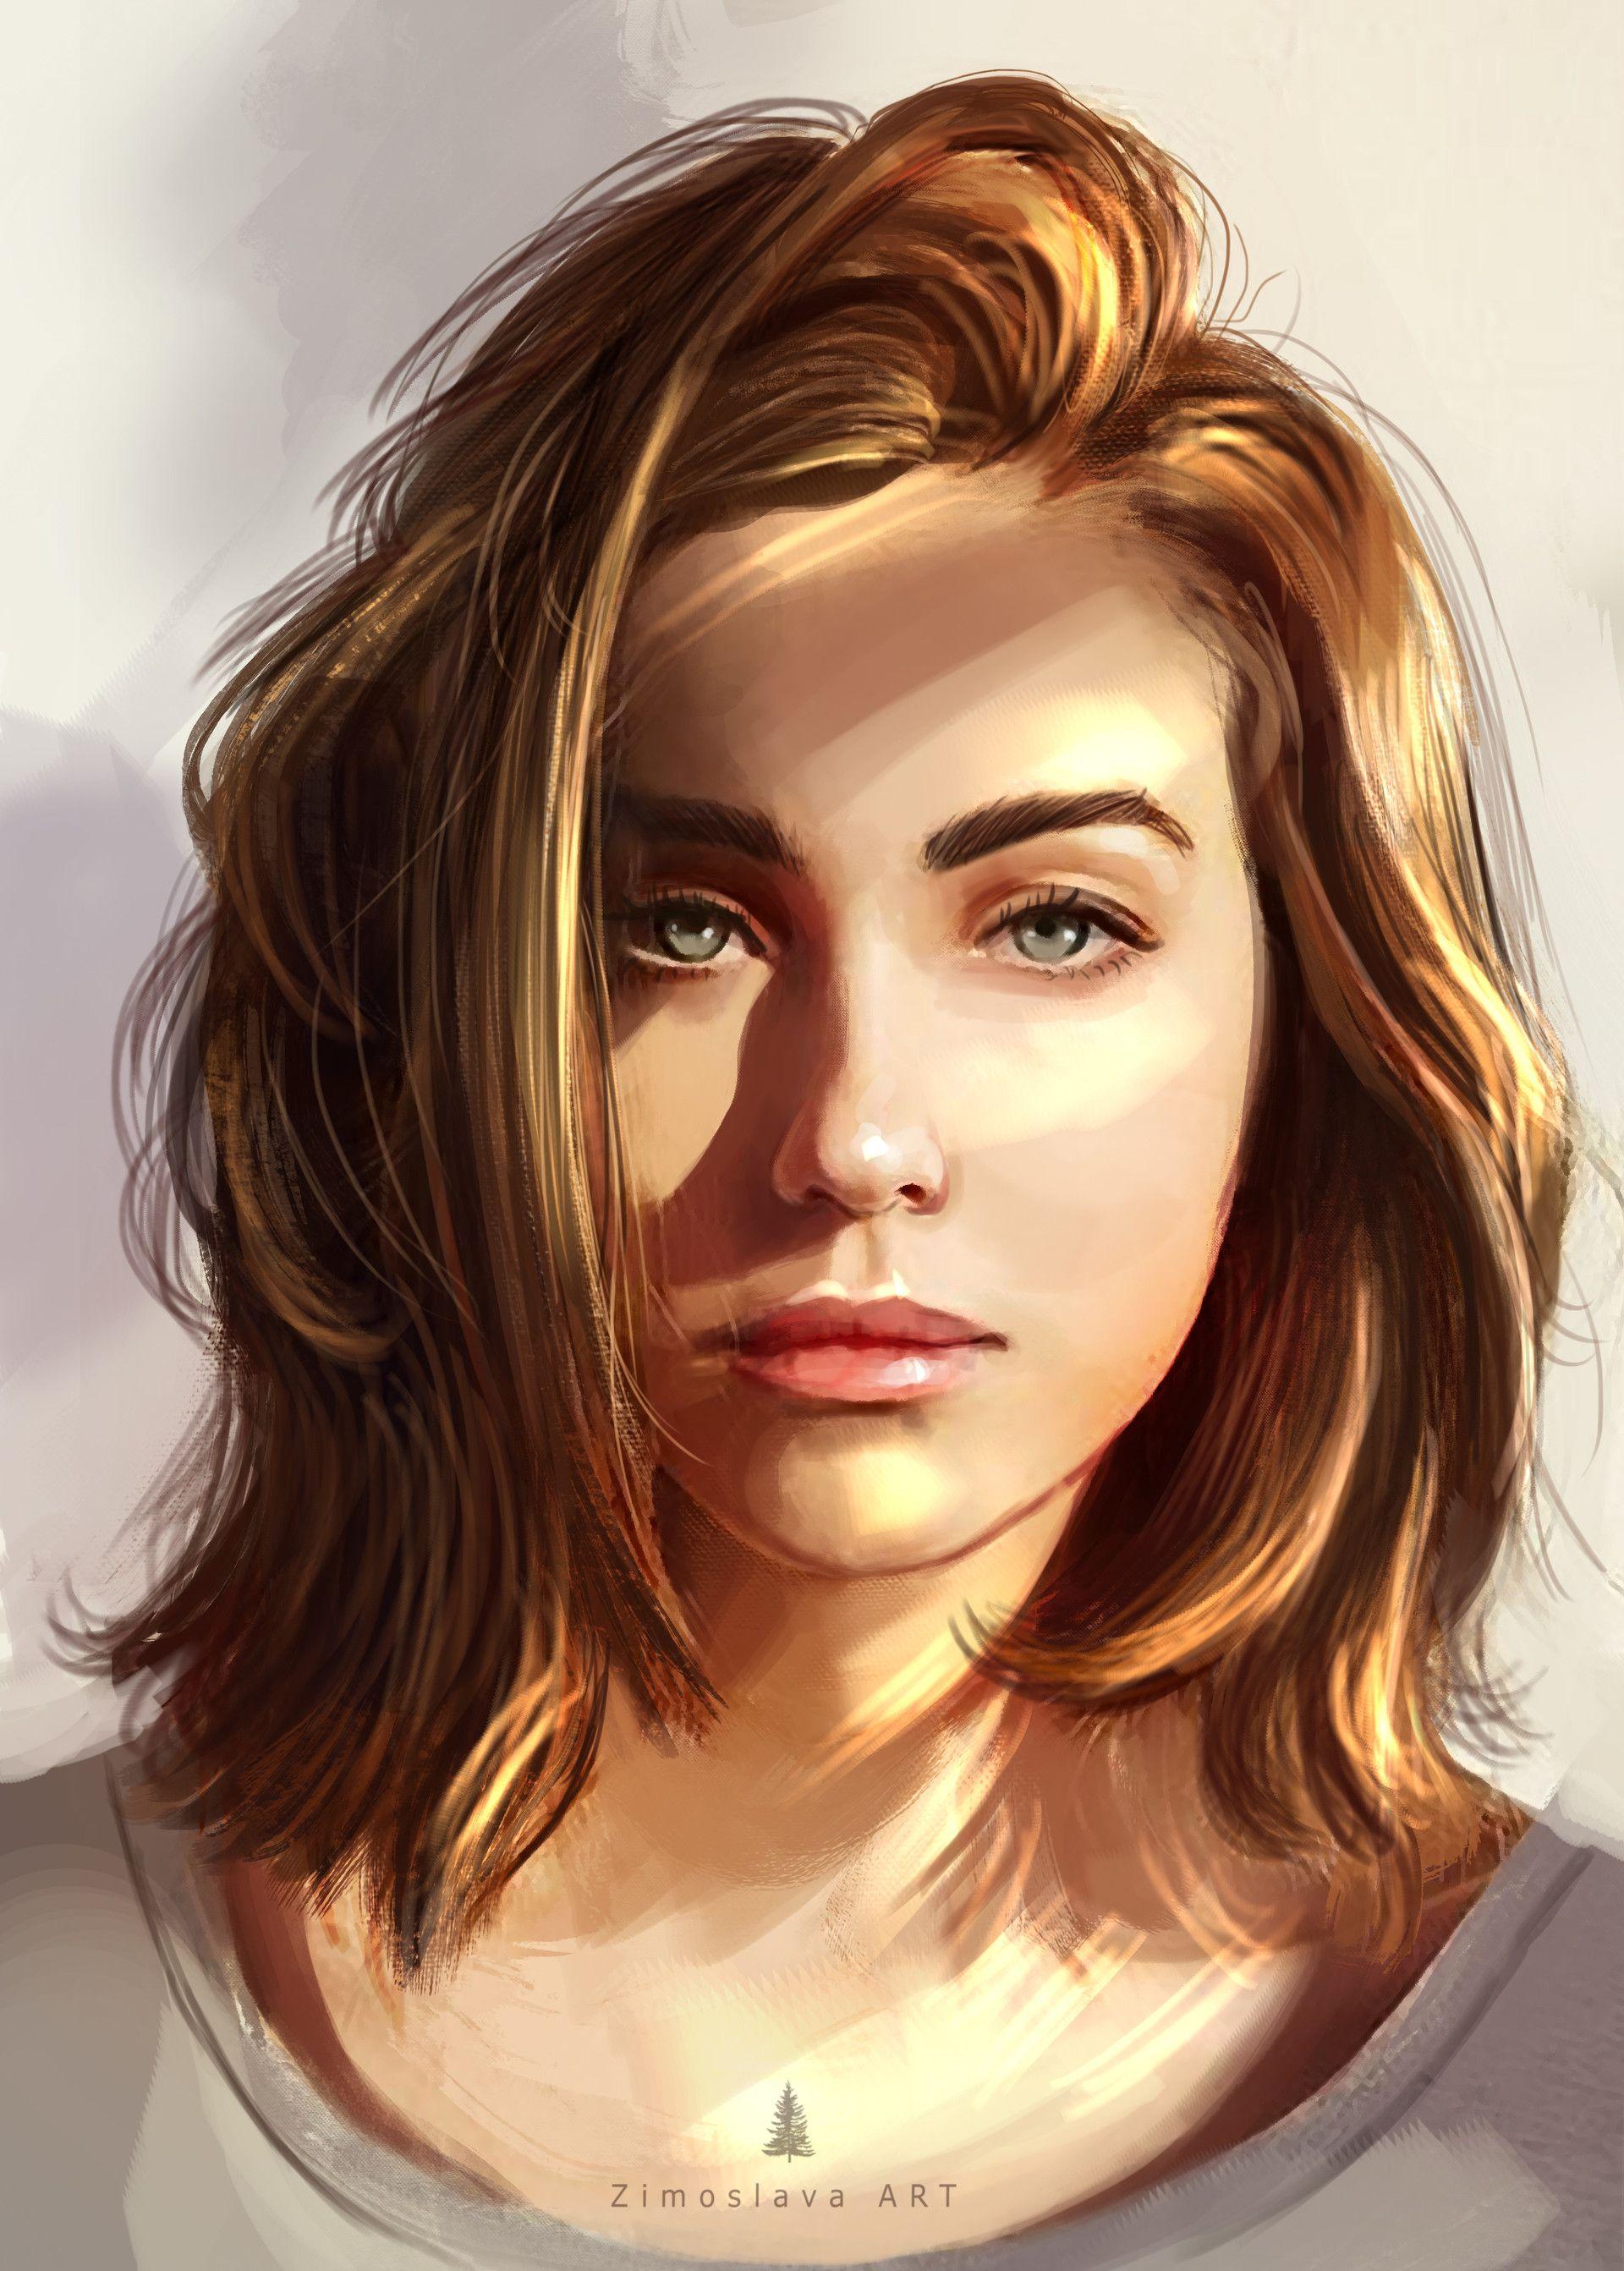 Artstation sketch girl portrait zimoslava art